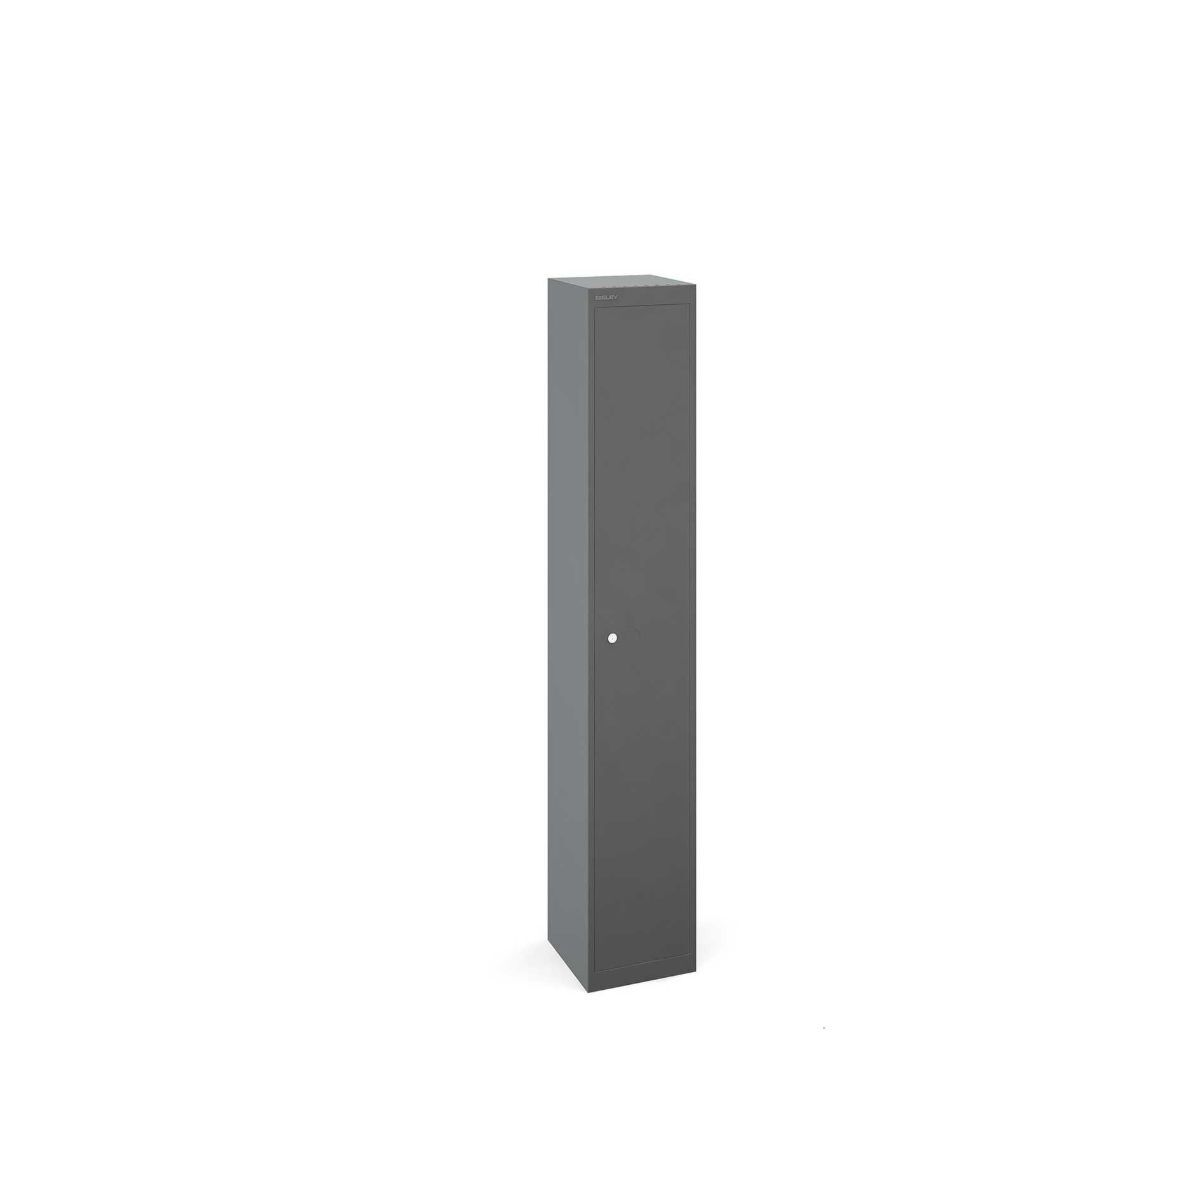 Bisley Universal Steel Locker 1 Door Grey/Grey